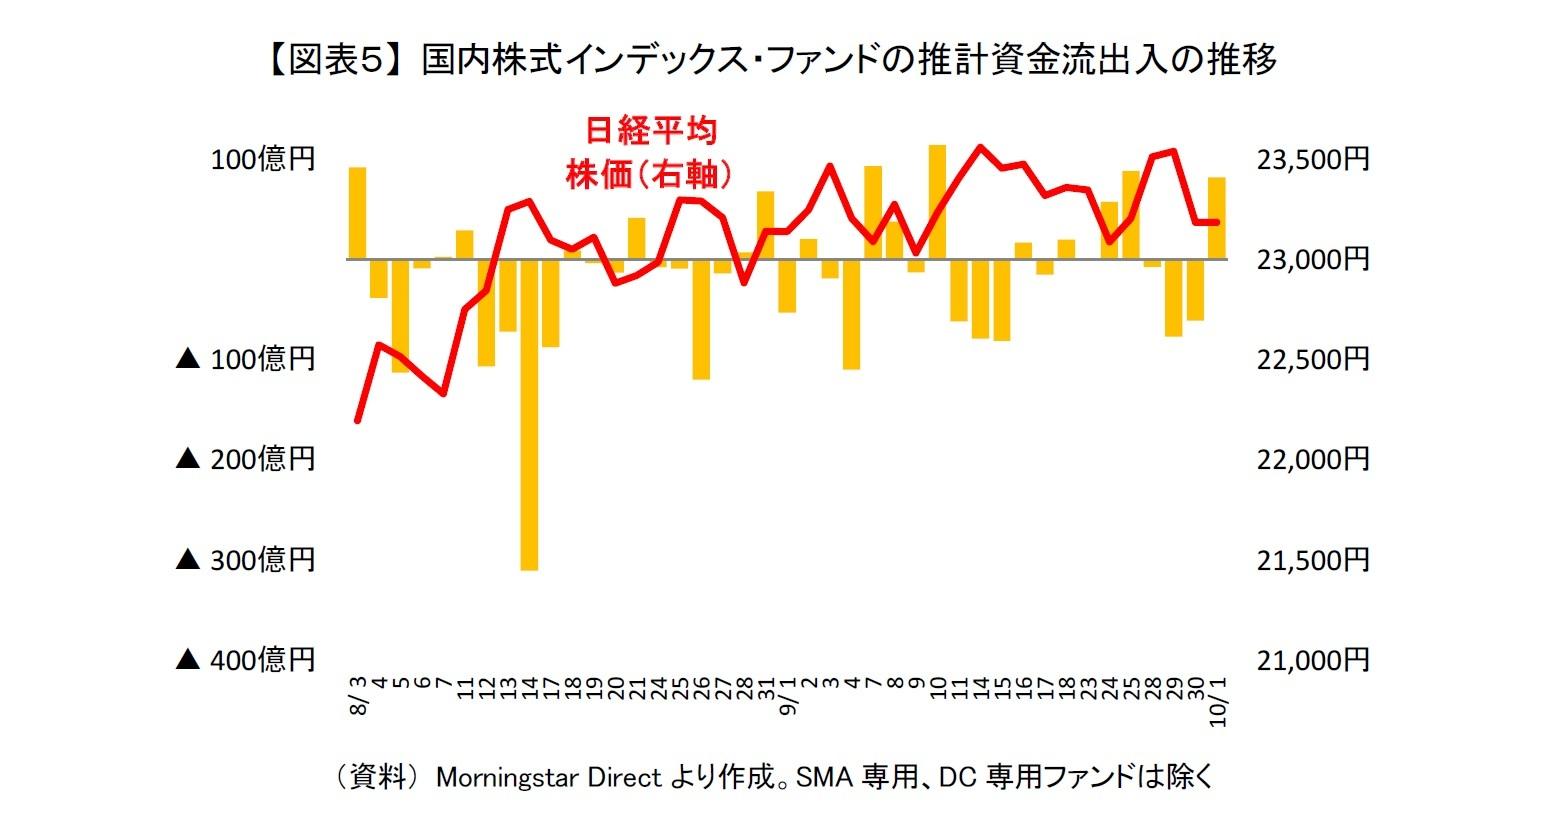 【図表5】 国内株式インデックス・ファンドの推計資金流出入の推移